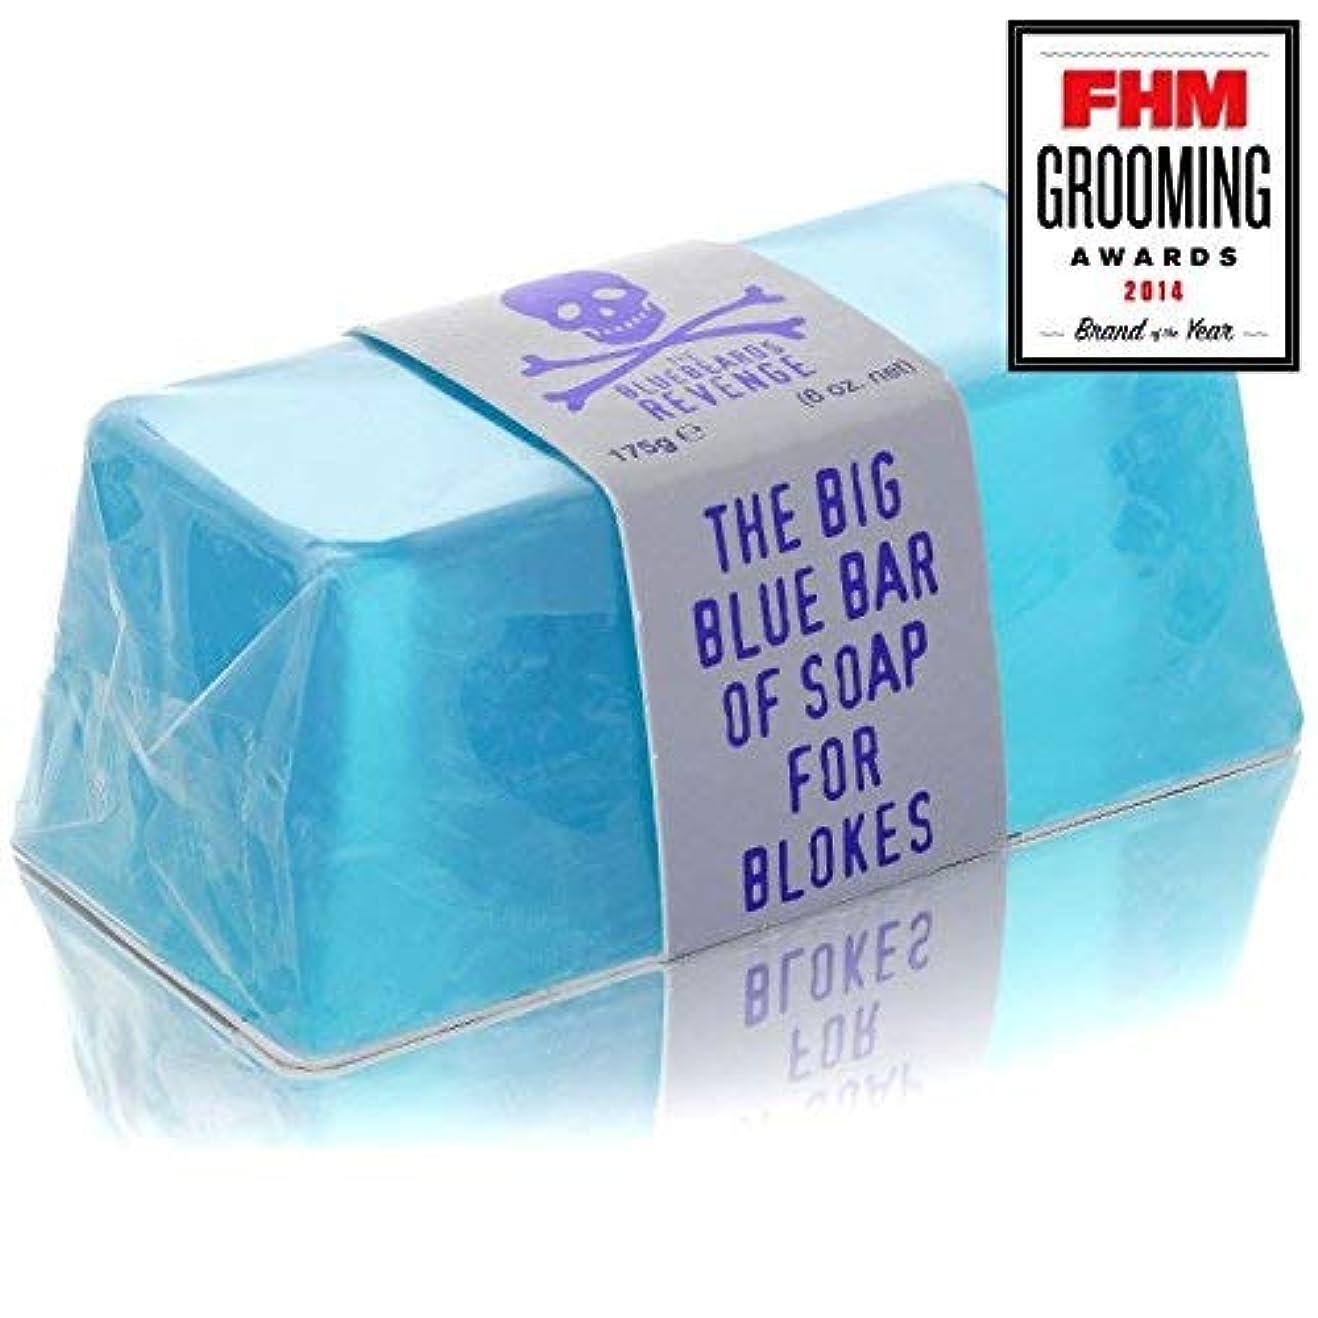 荷物ニュース接続詞The Bluebeards Revenge Big Blue Bar of Soap for Blokes Glycerin Soap by The Bluebeards Revenge [並行輸入品]